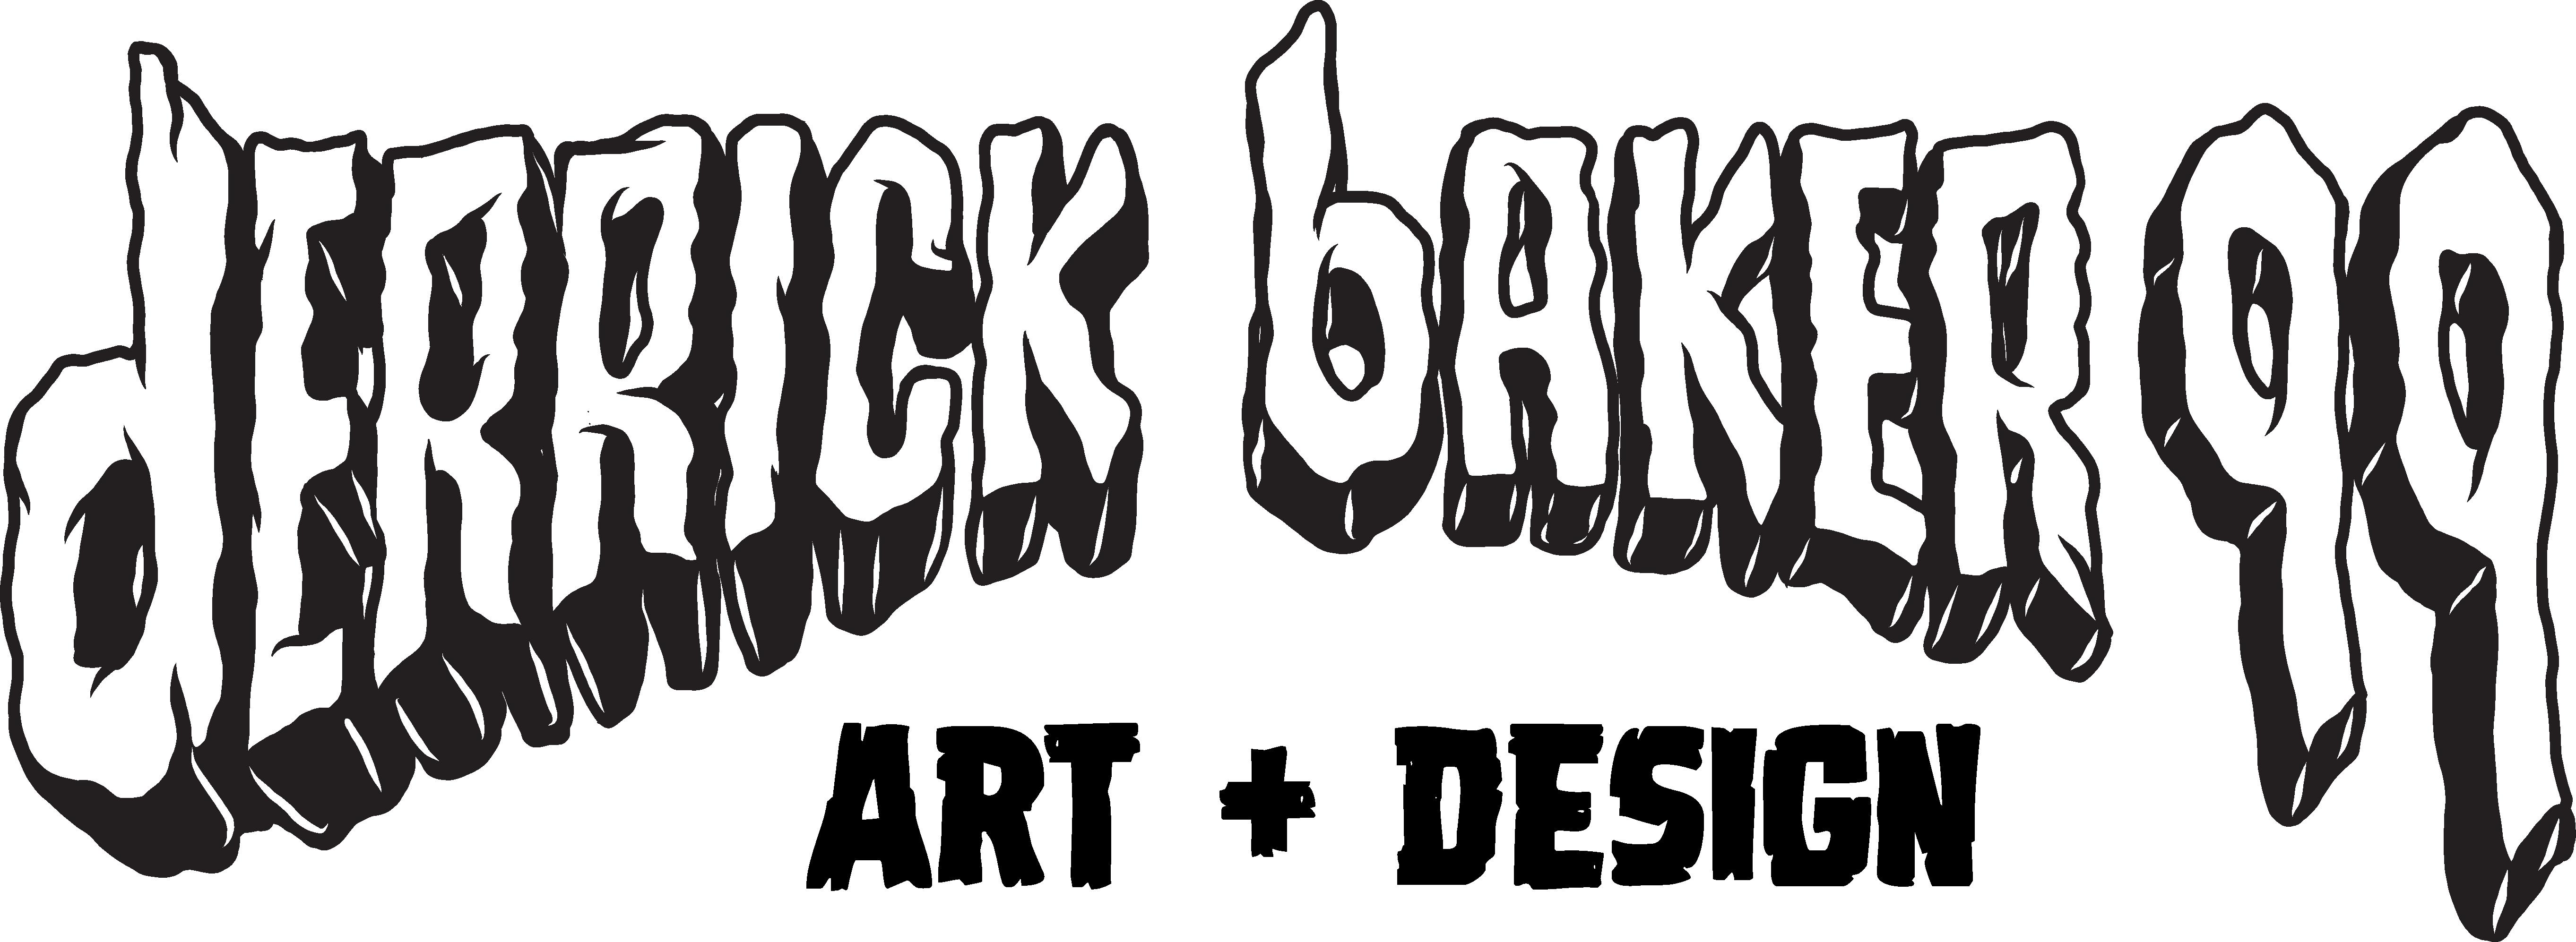 Derrick Baker 99